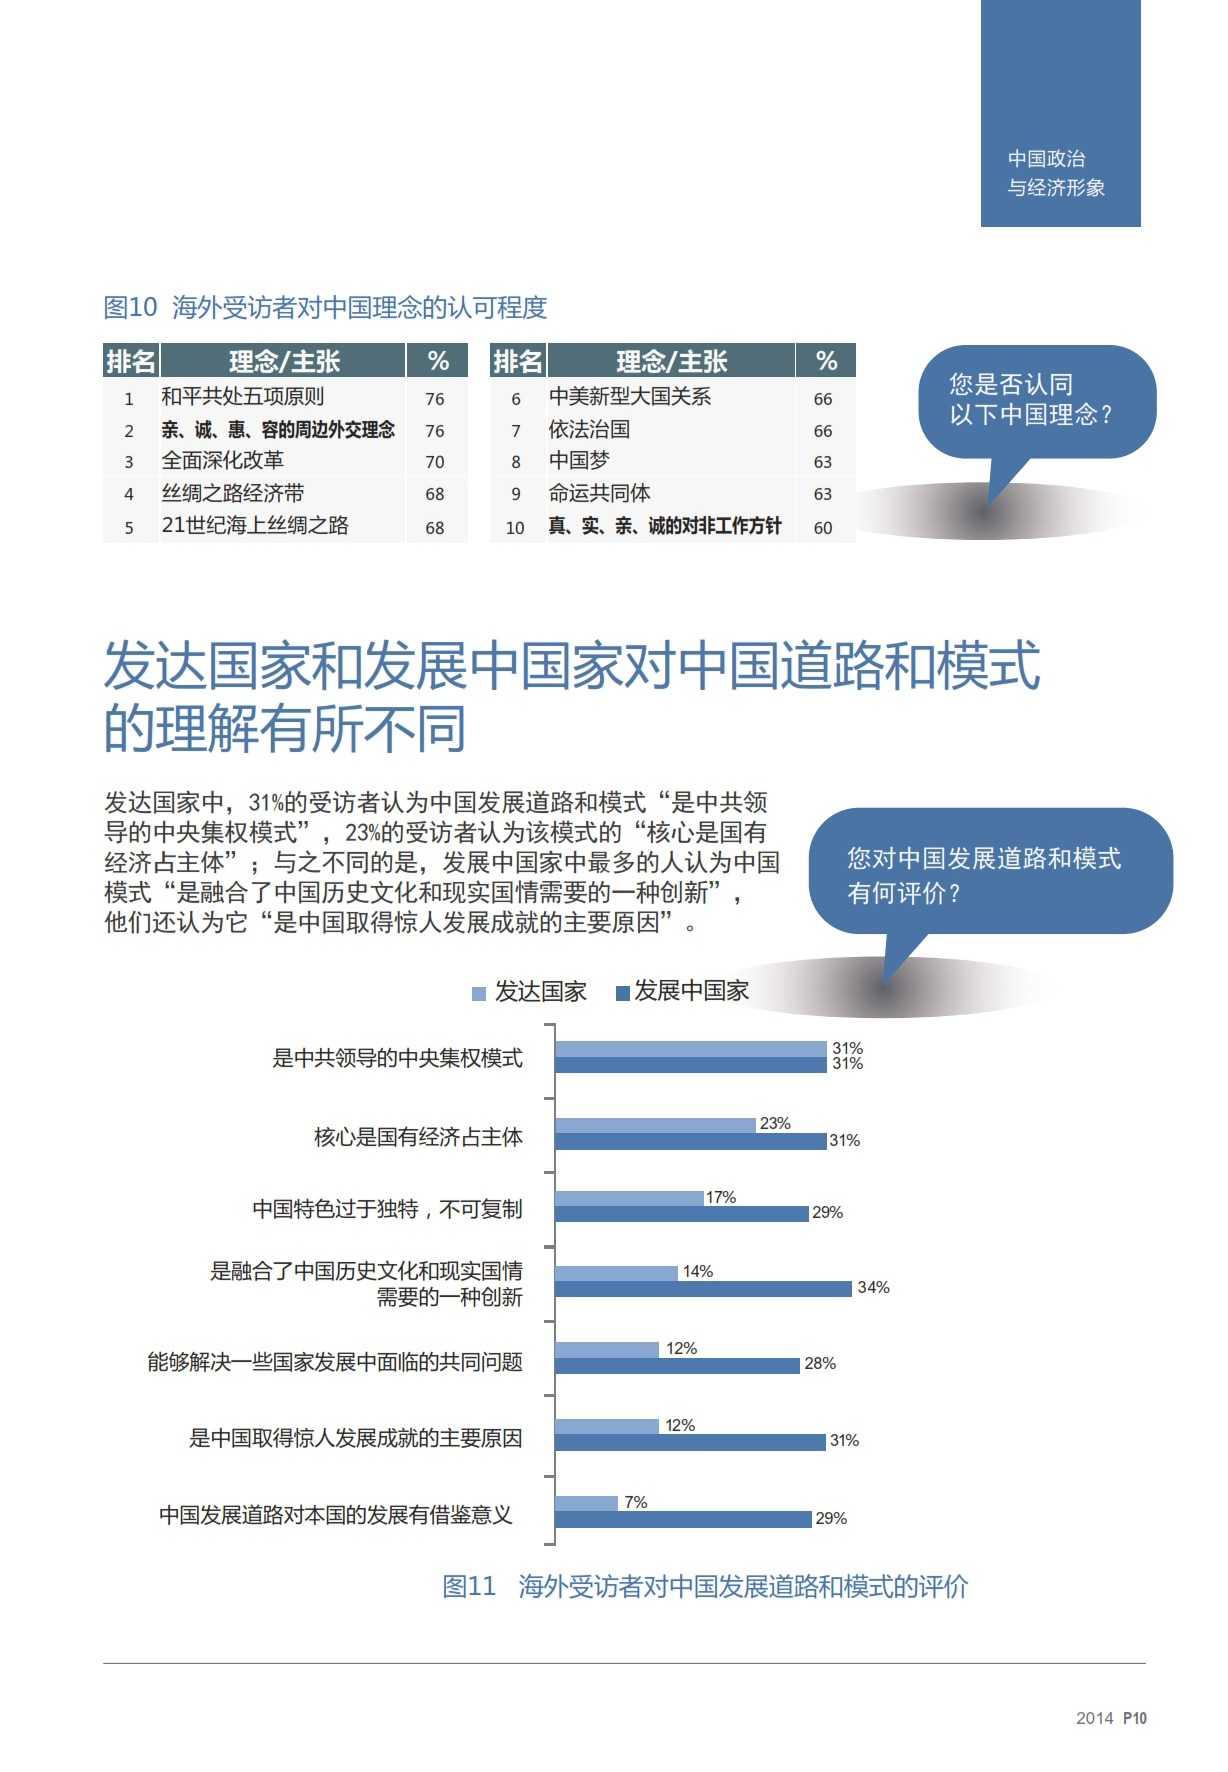 2014中国国家形象全球调查报告-v17_009